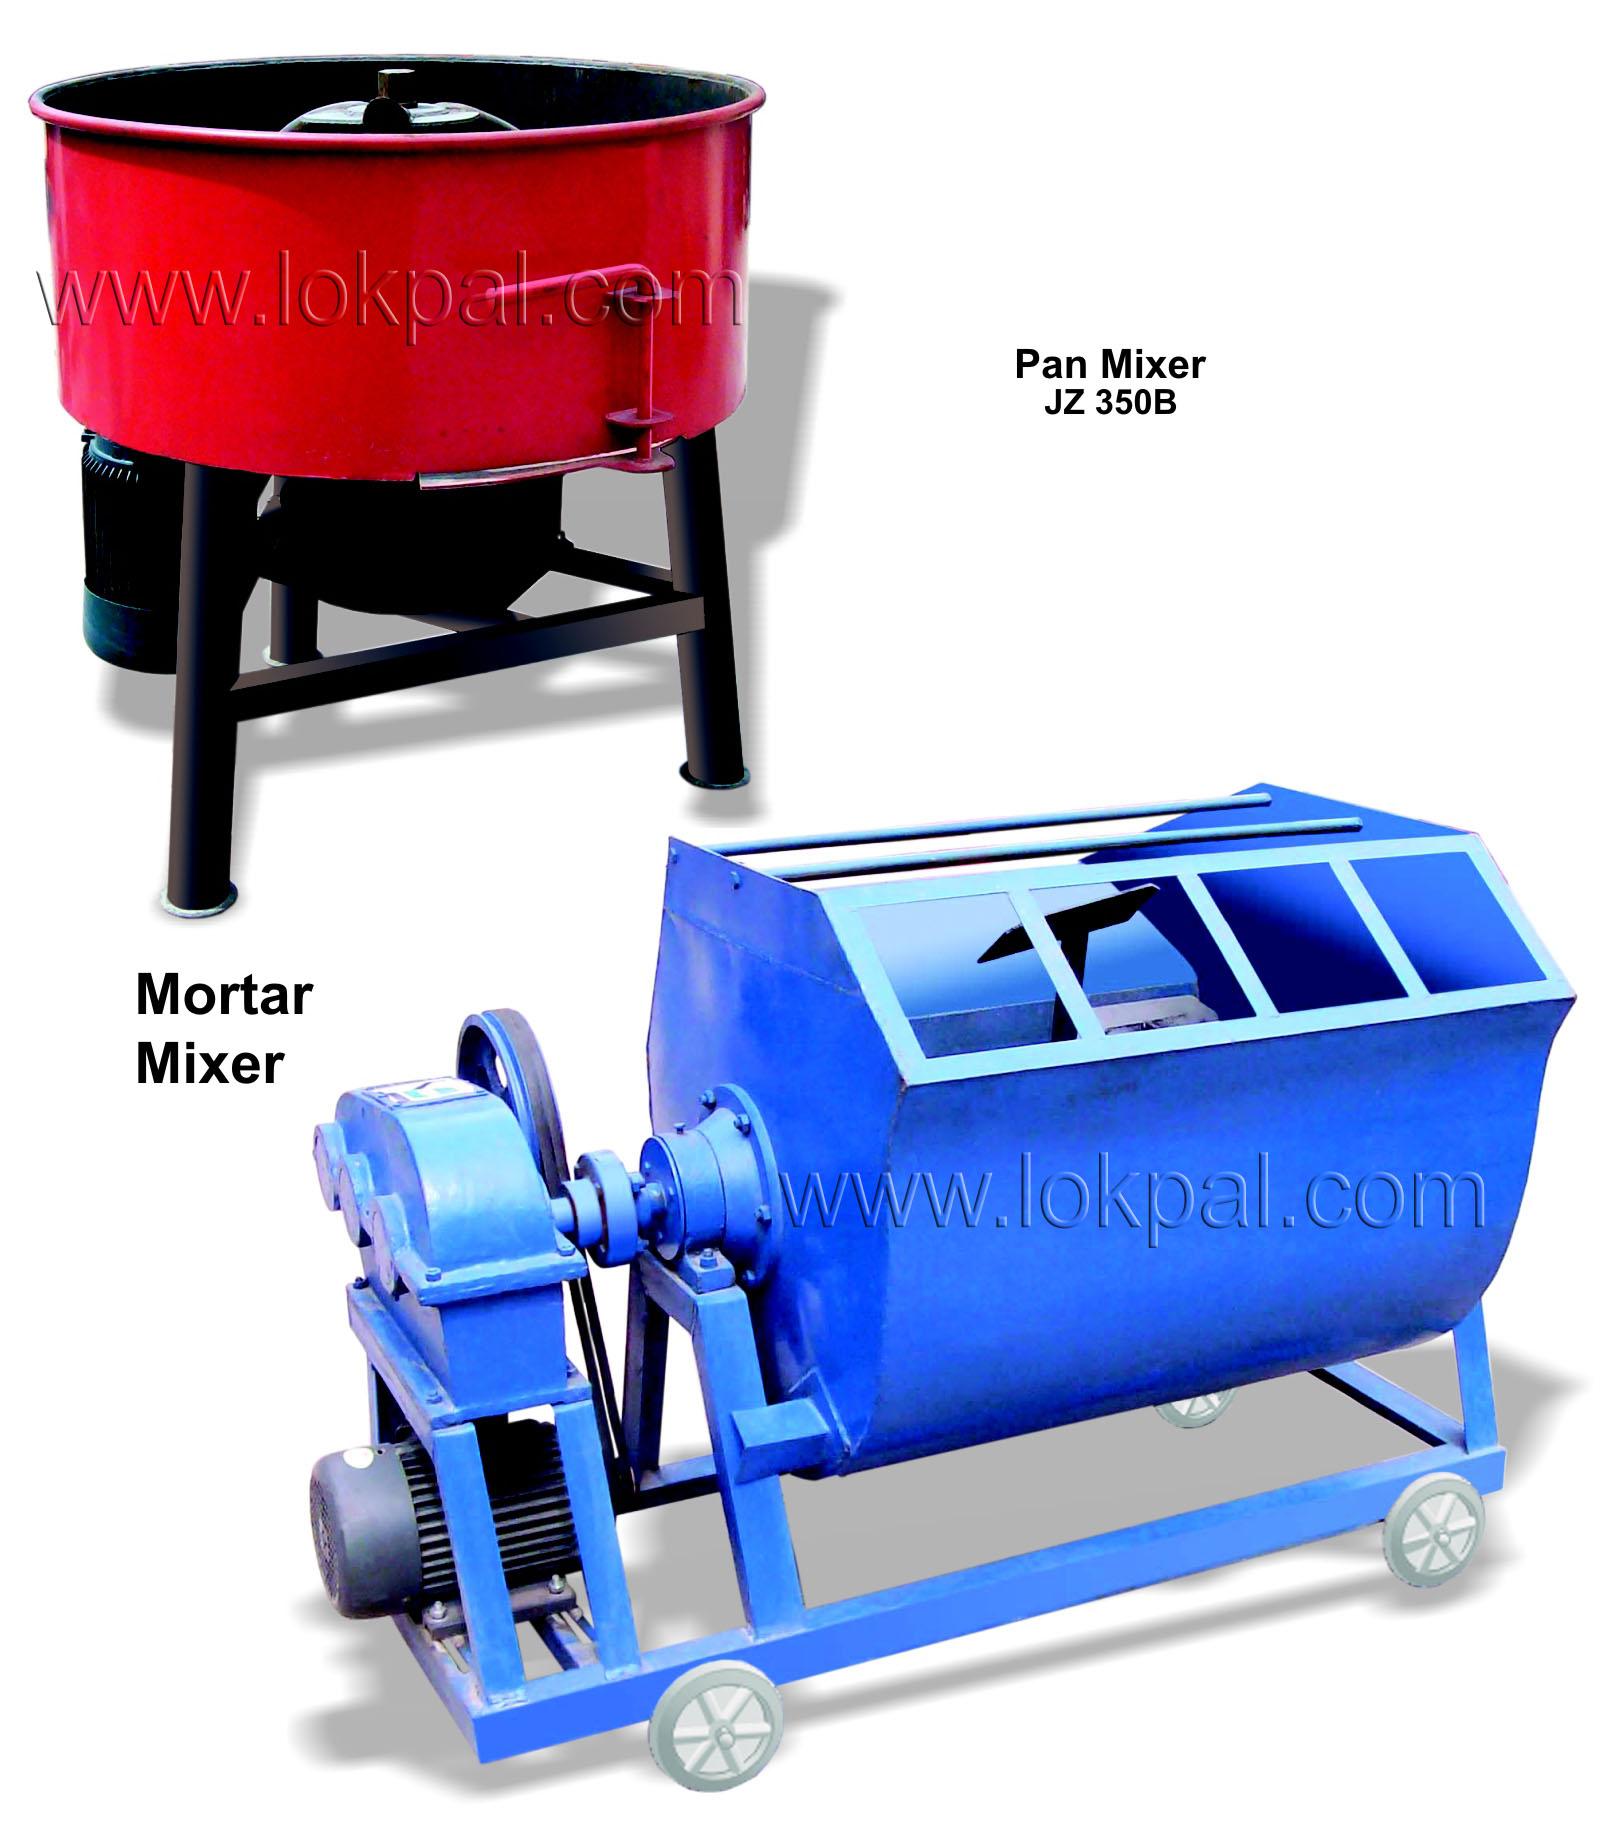 Masonry Mortar Pan : Pan mortar mixer manufacturers and suppliers